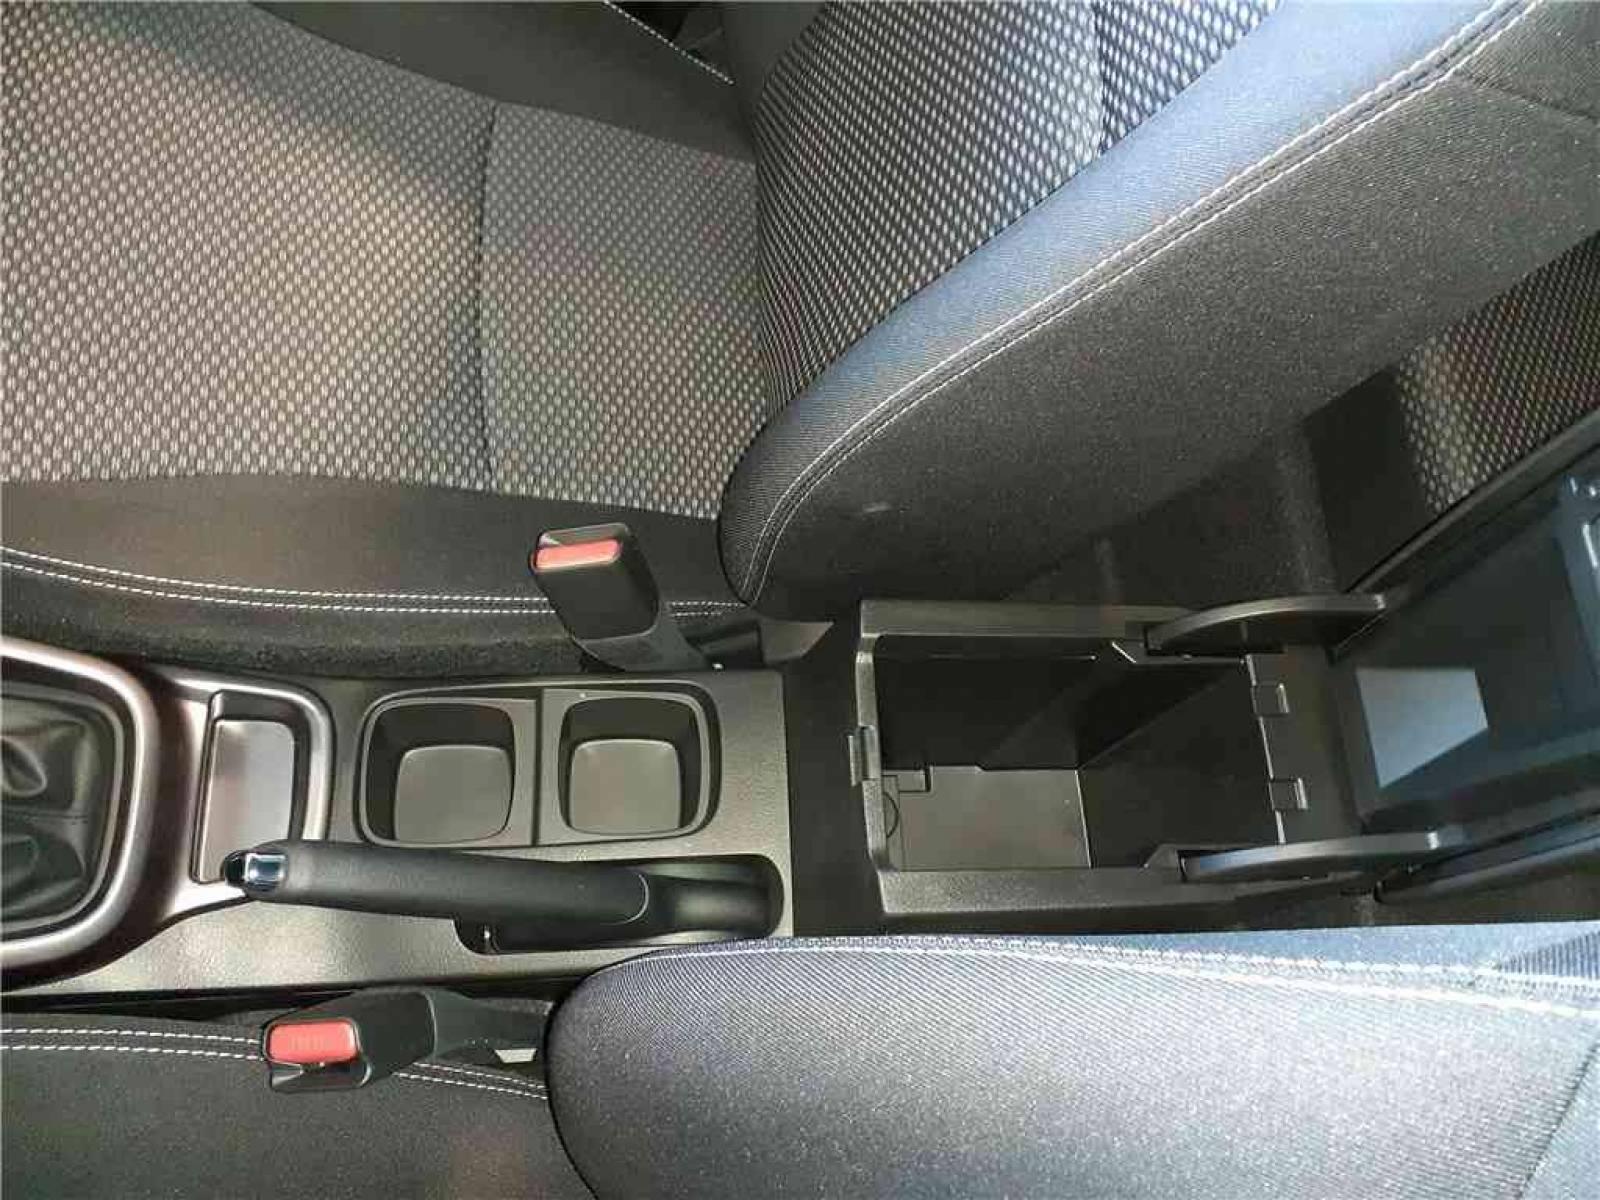 SUZUKI Vitara 1.4 Boosterjet Hybrid - véhicule d'occasion - Groupe Guillet - Hall de l'automobile - Chalon sur Saône - 71380 - Saint-Marcel - 26